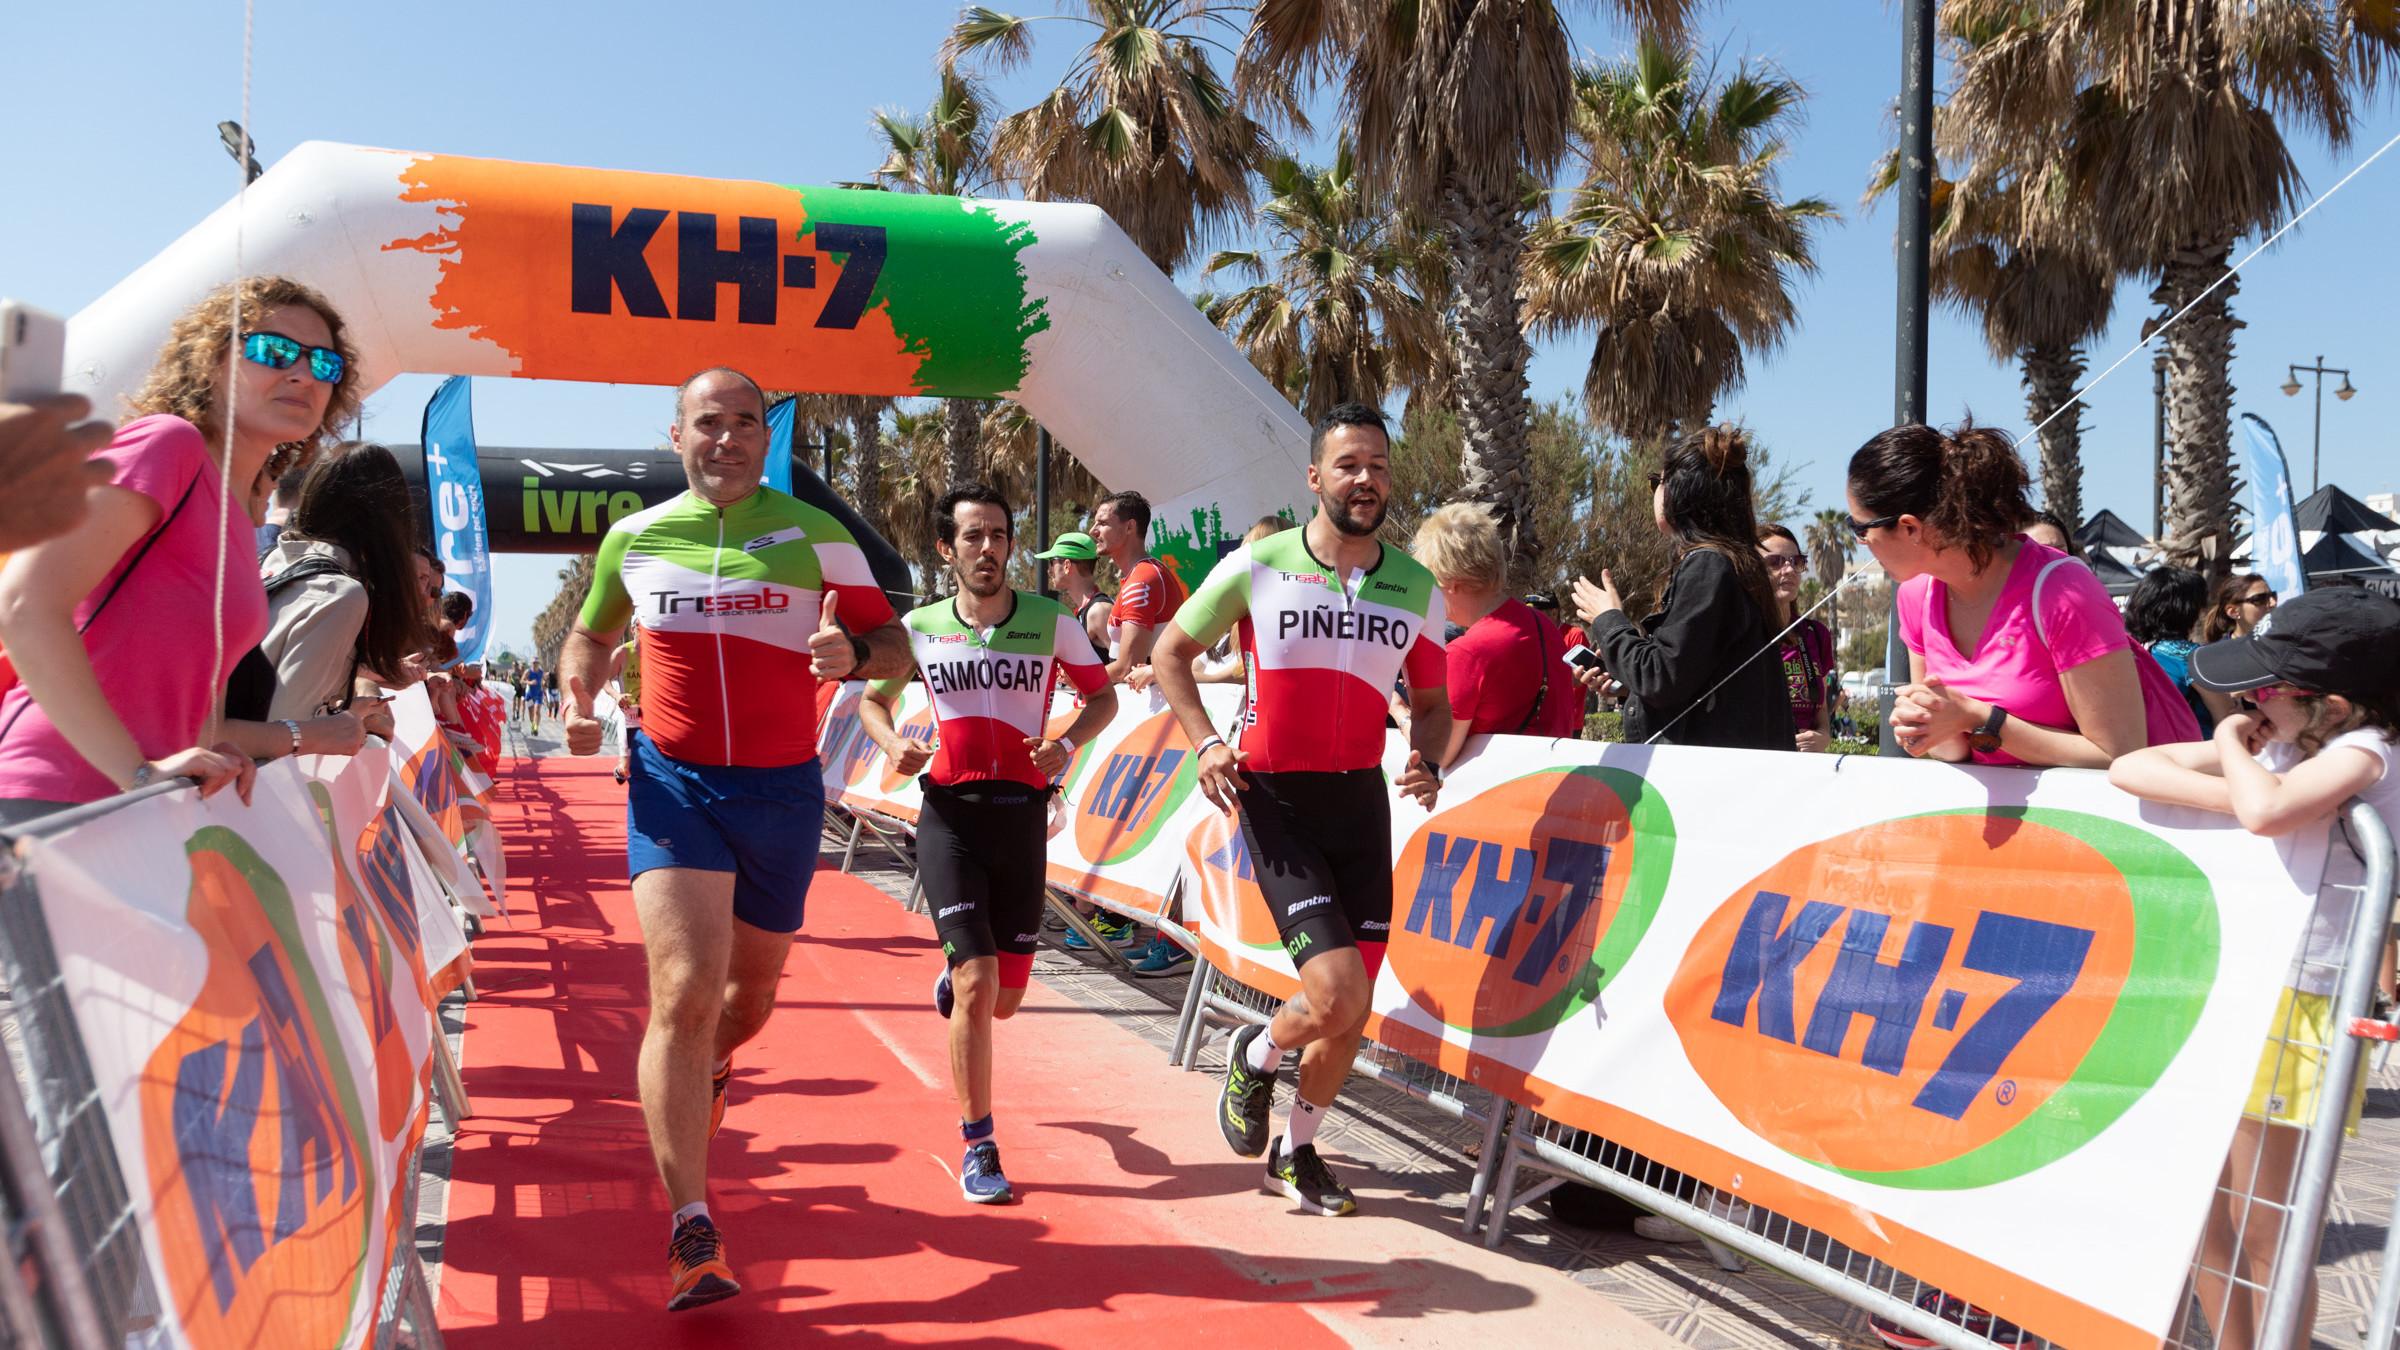 Home   KH-7 Sport - KH7 Sport